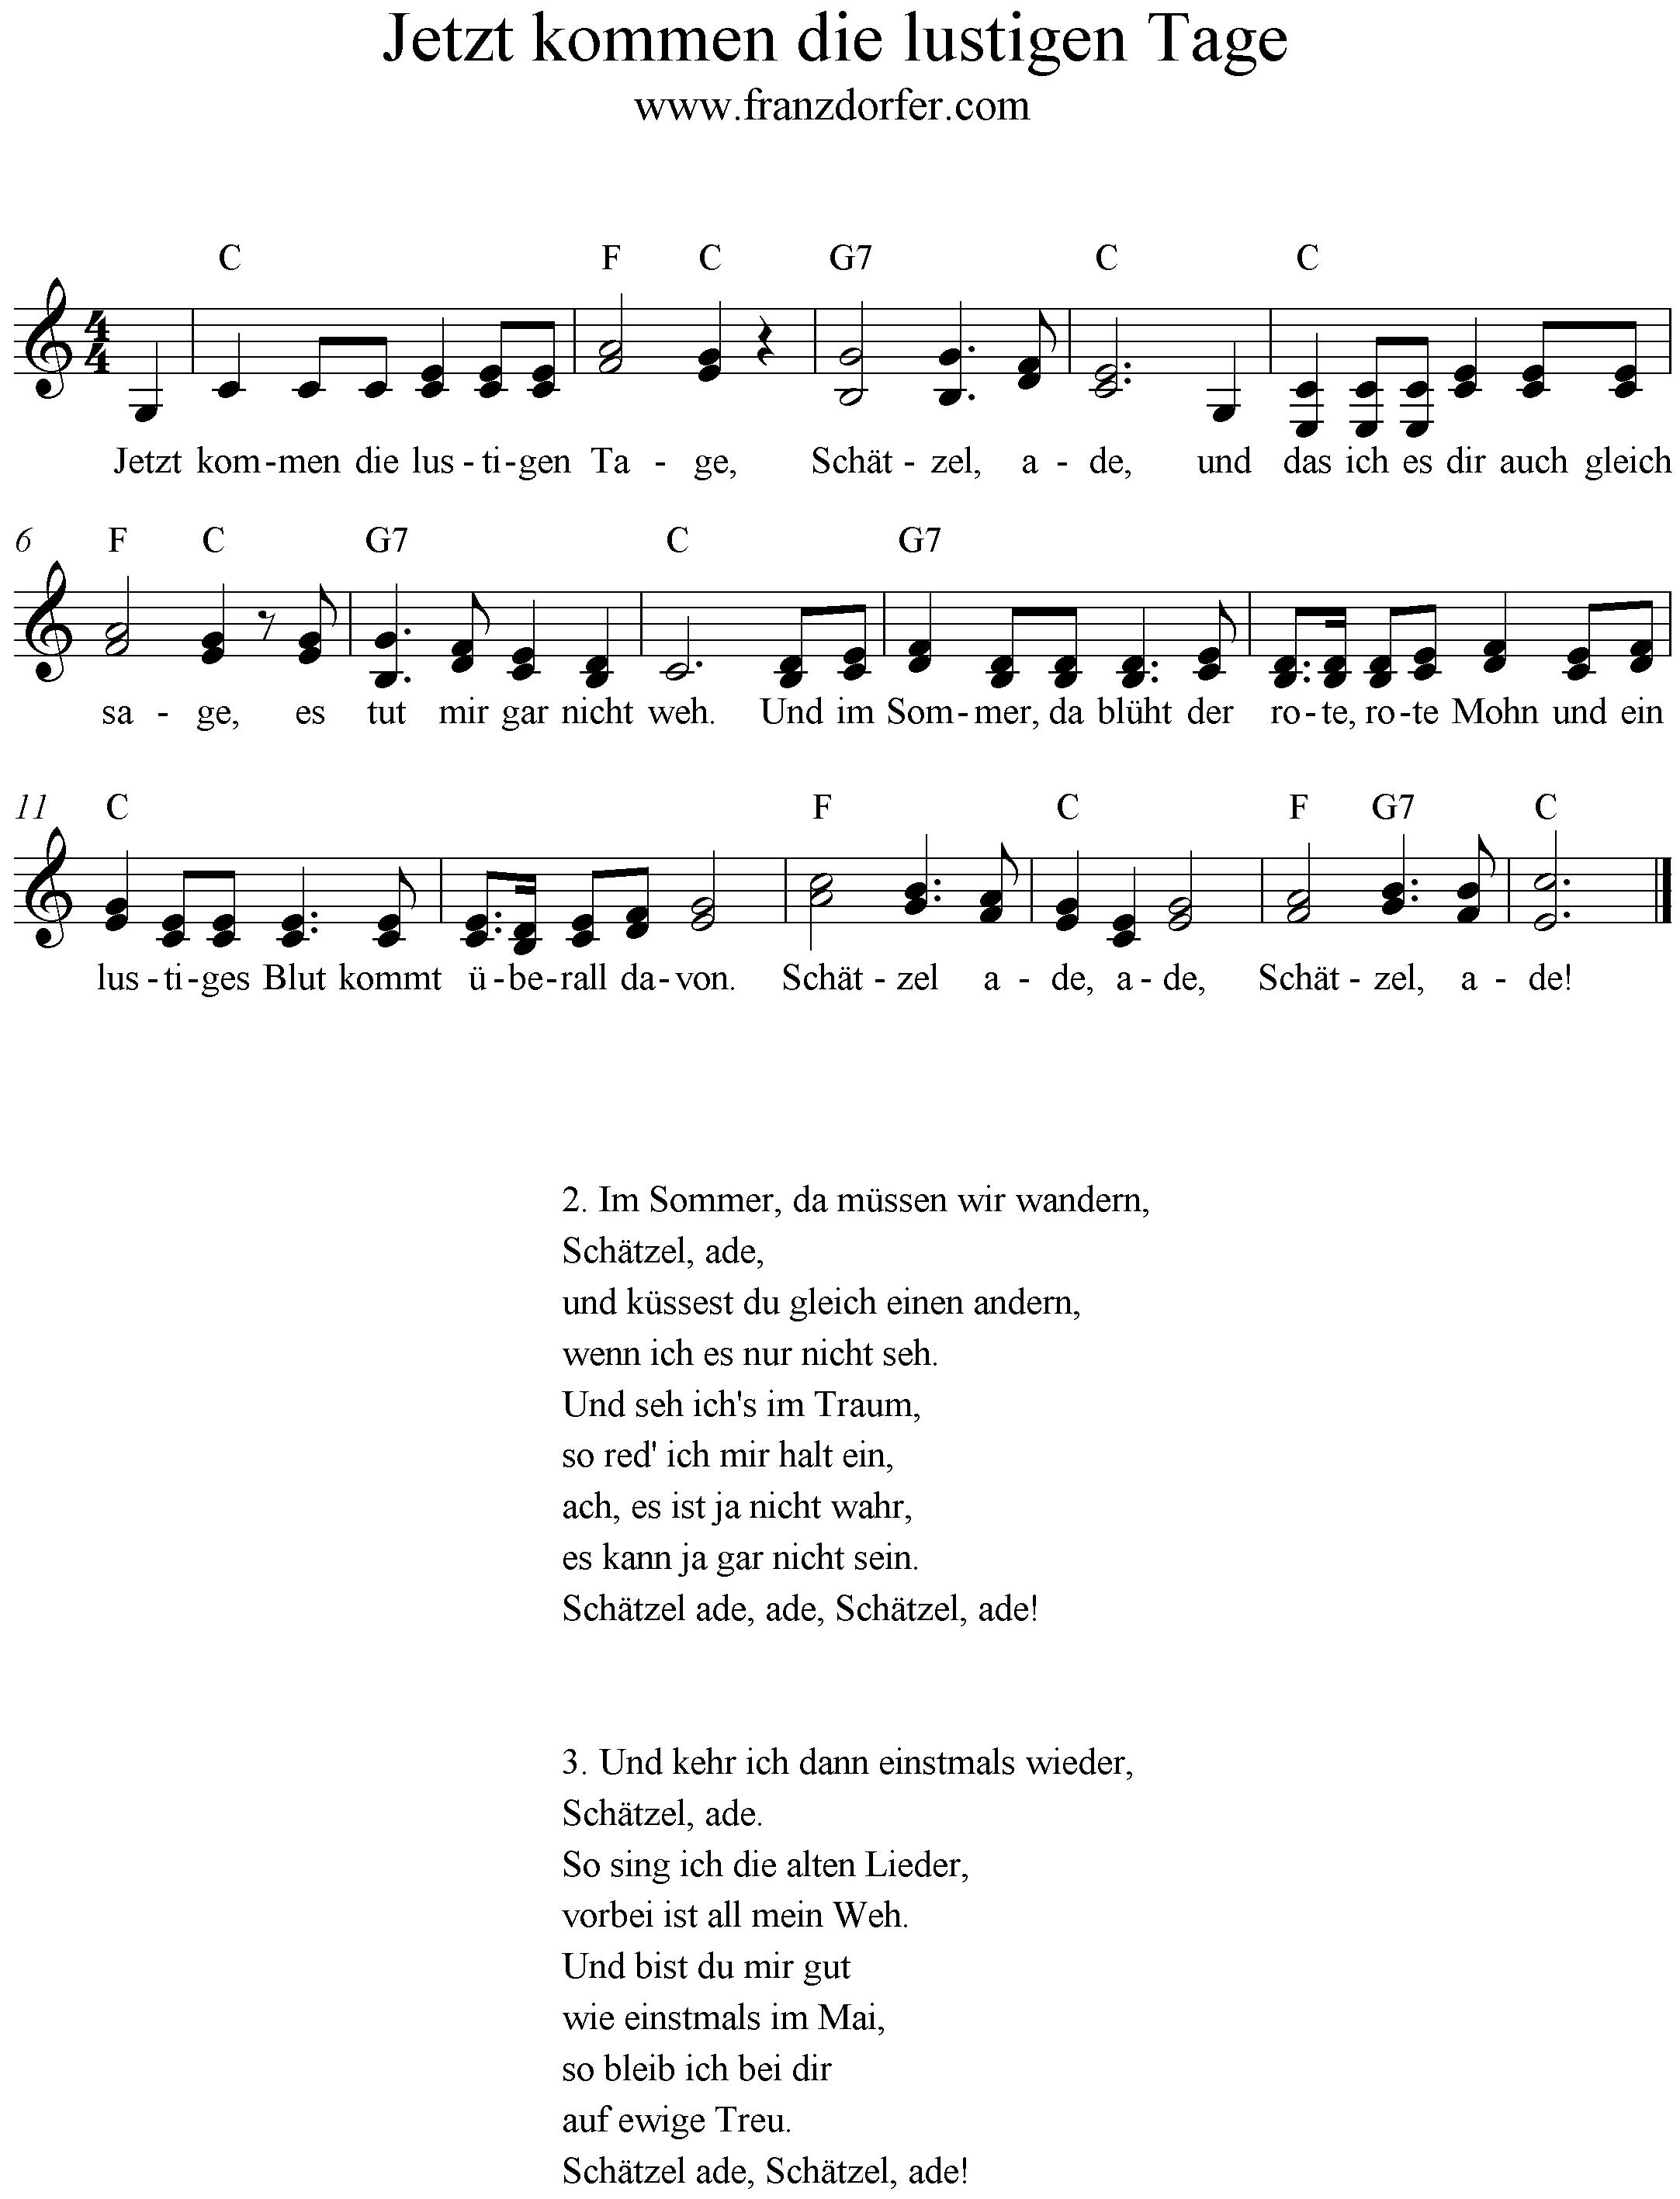 Lustige Weihnachtslieder Texte.Lustige Weihnachtslieder Noten